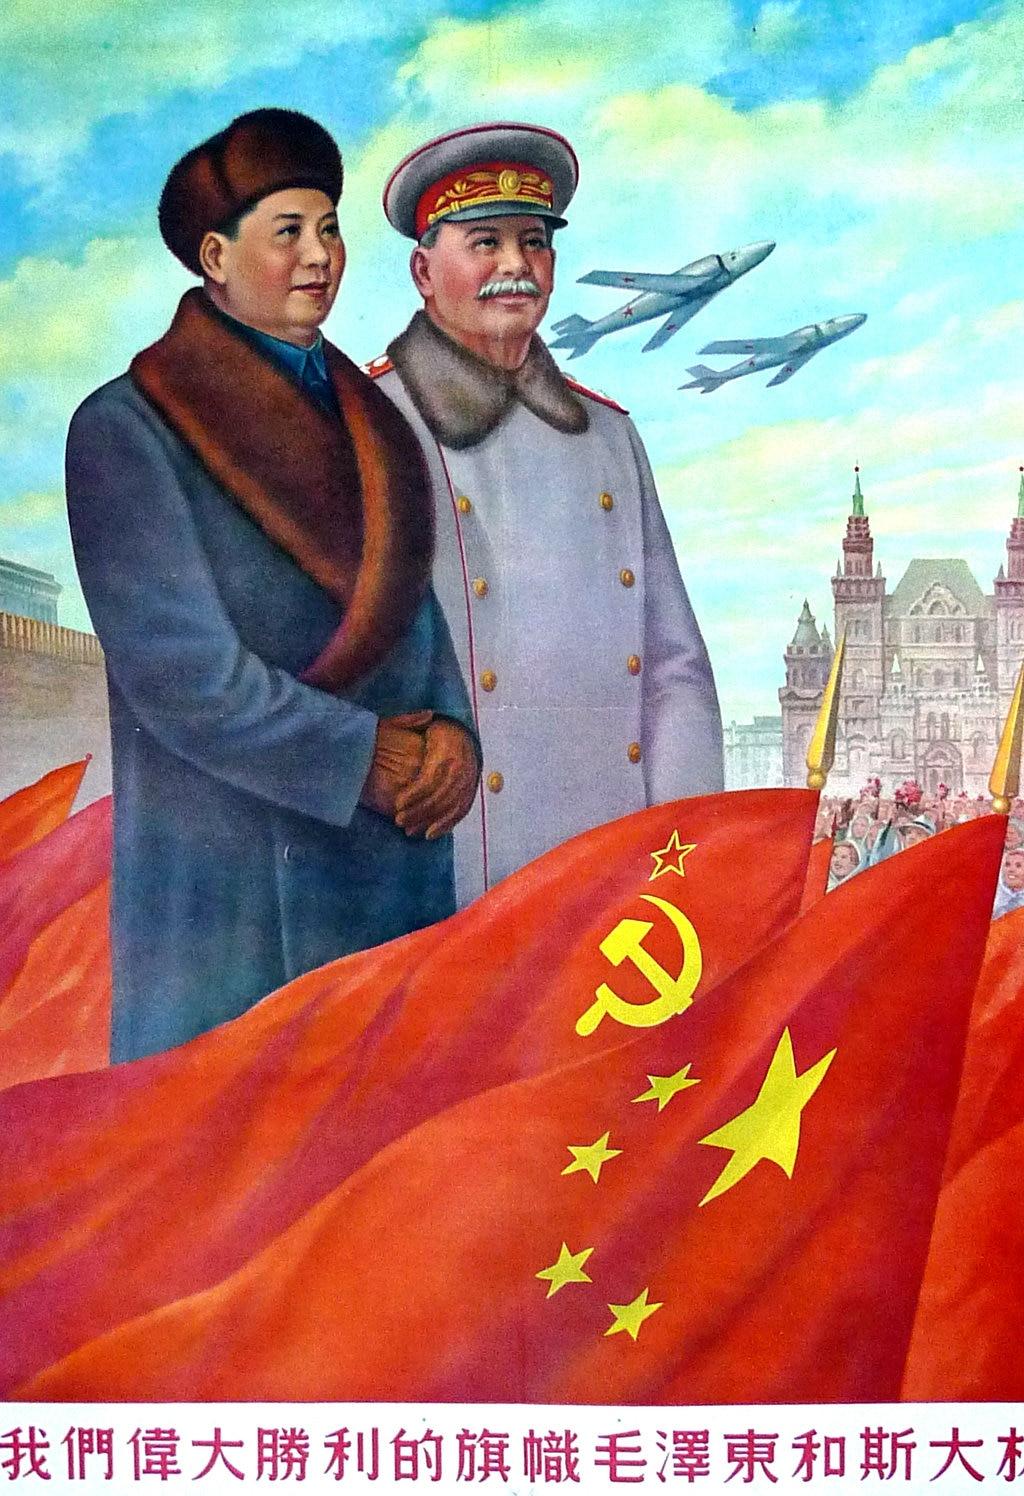 Постер Мао цзедонг и Сталин, винтажный постер в стиле ретро, Картина на холсте, настенная бумага для самостоятельного изготовления, украшен...